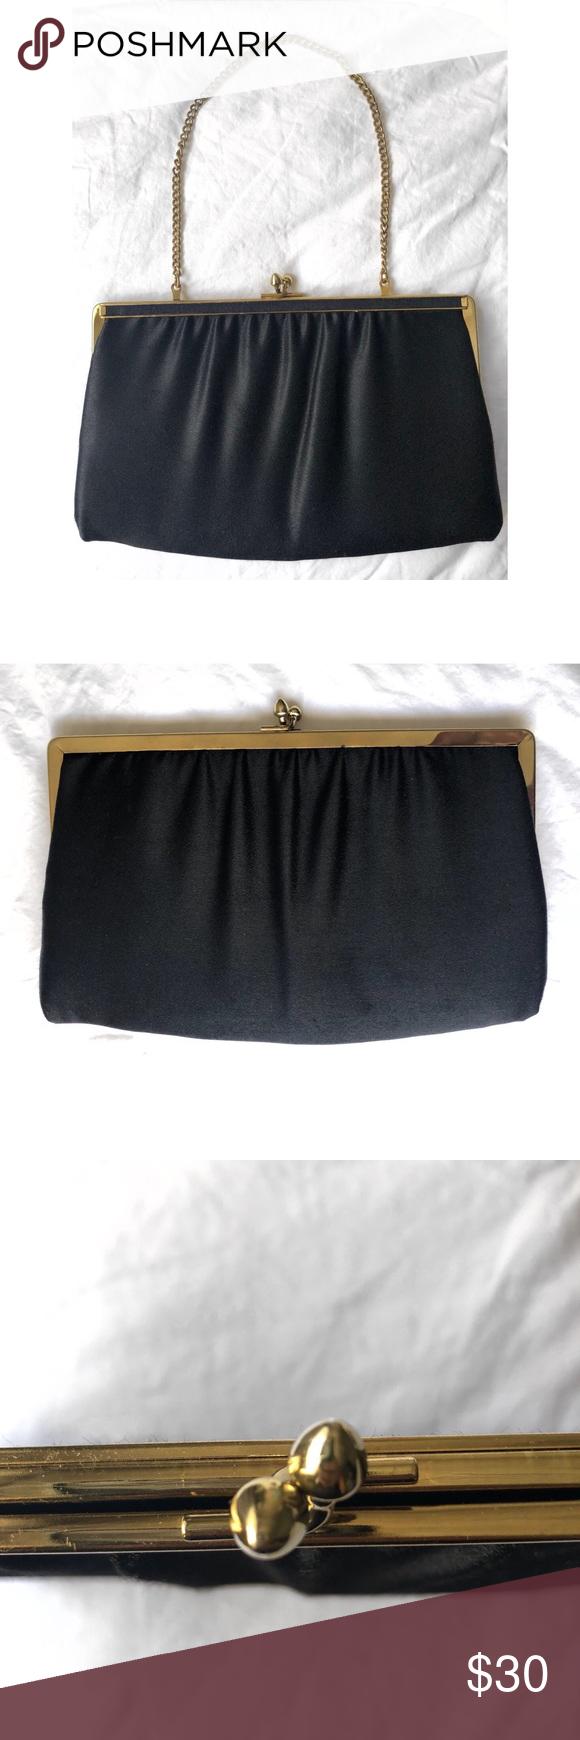 VINTAGE ANDE BLACK SATIN CLUTCH PURSE VINTAGE ANDE BLACK SATIN CLUTCH PURSE  Ande Bags Clutches   Wristlets 2d5ac4e50d